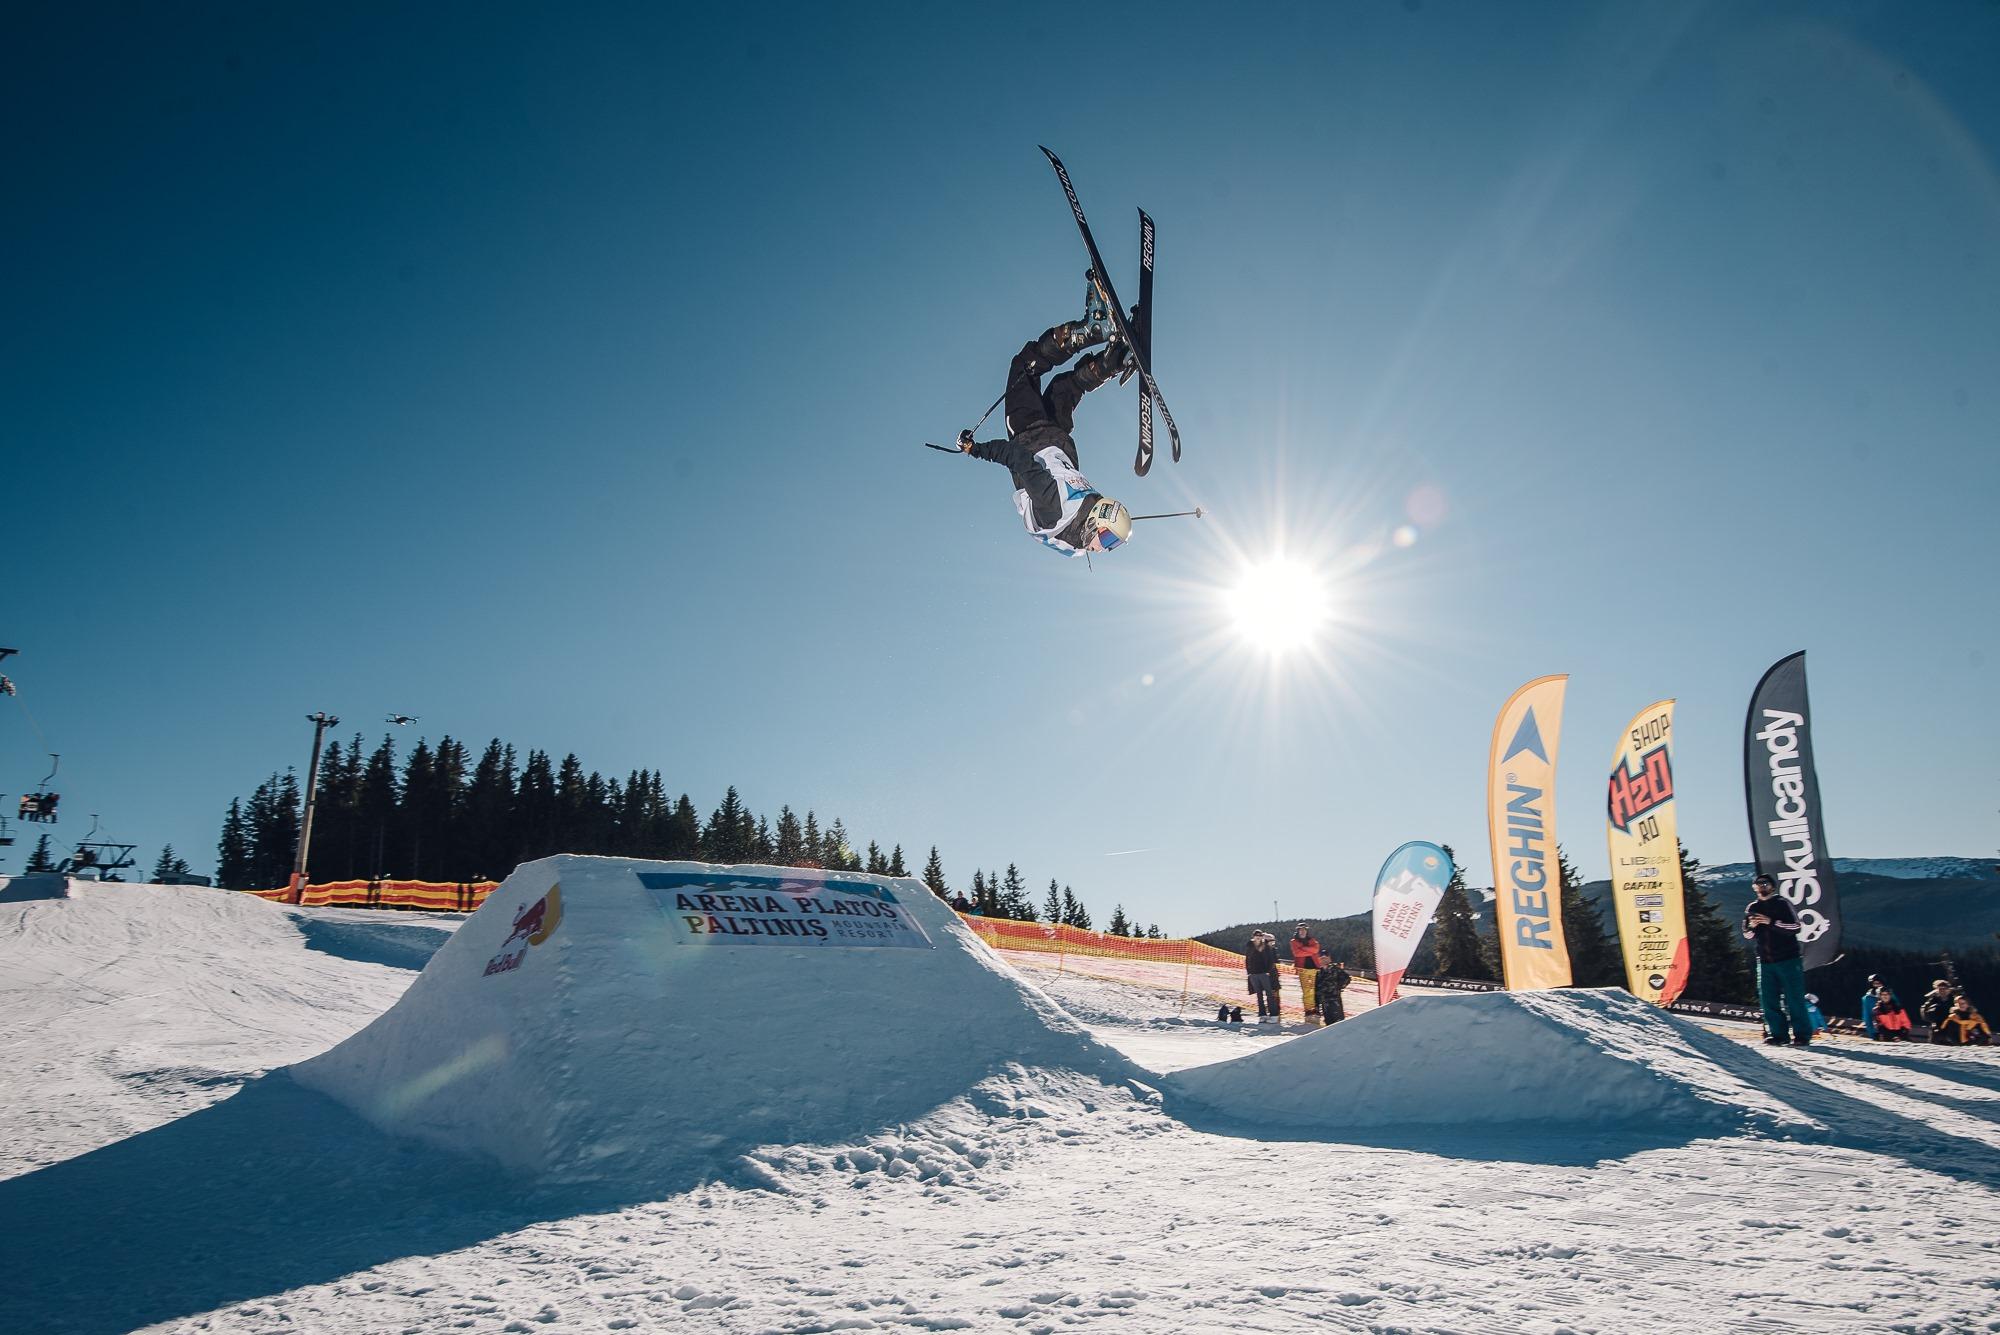 Snow-park-ul Arena Platoș va fi inaugurat vineri, cu o competiție fără spectatori